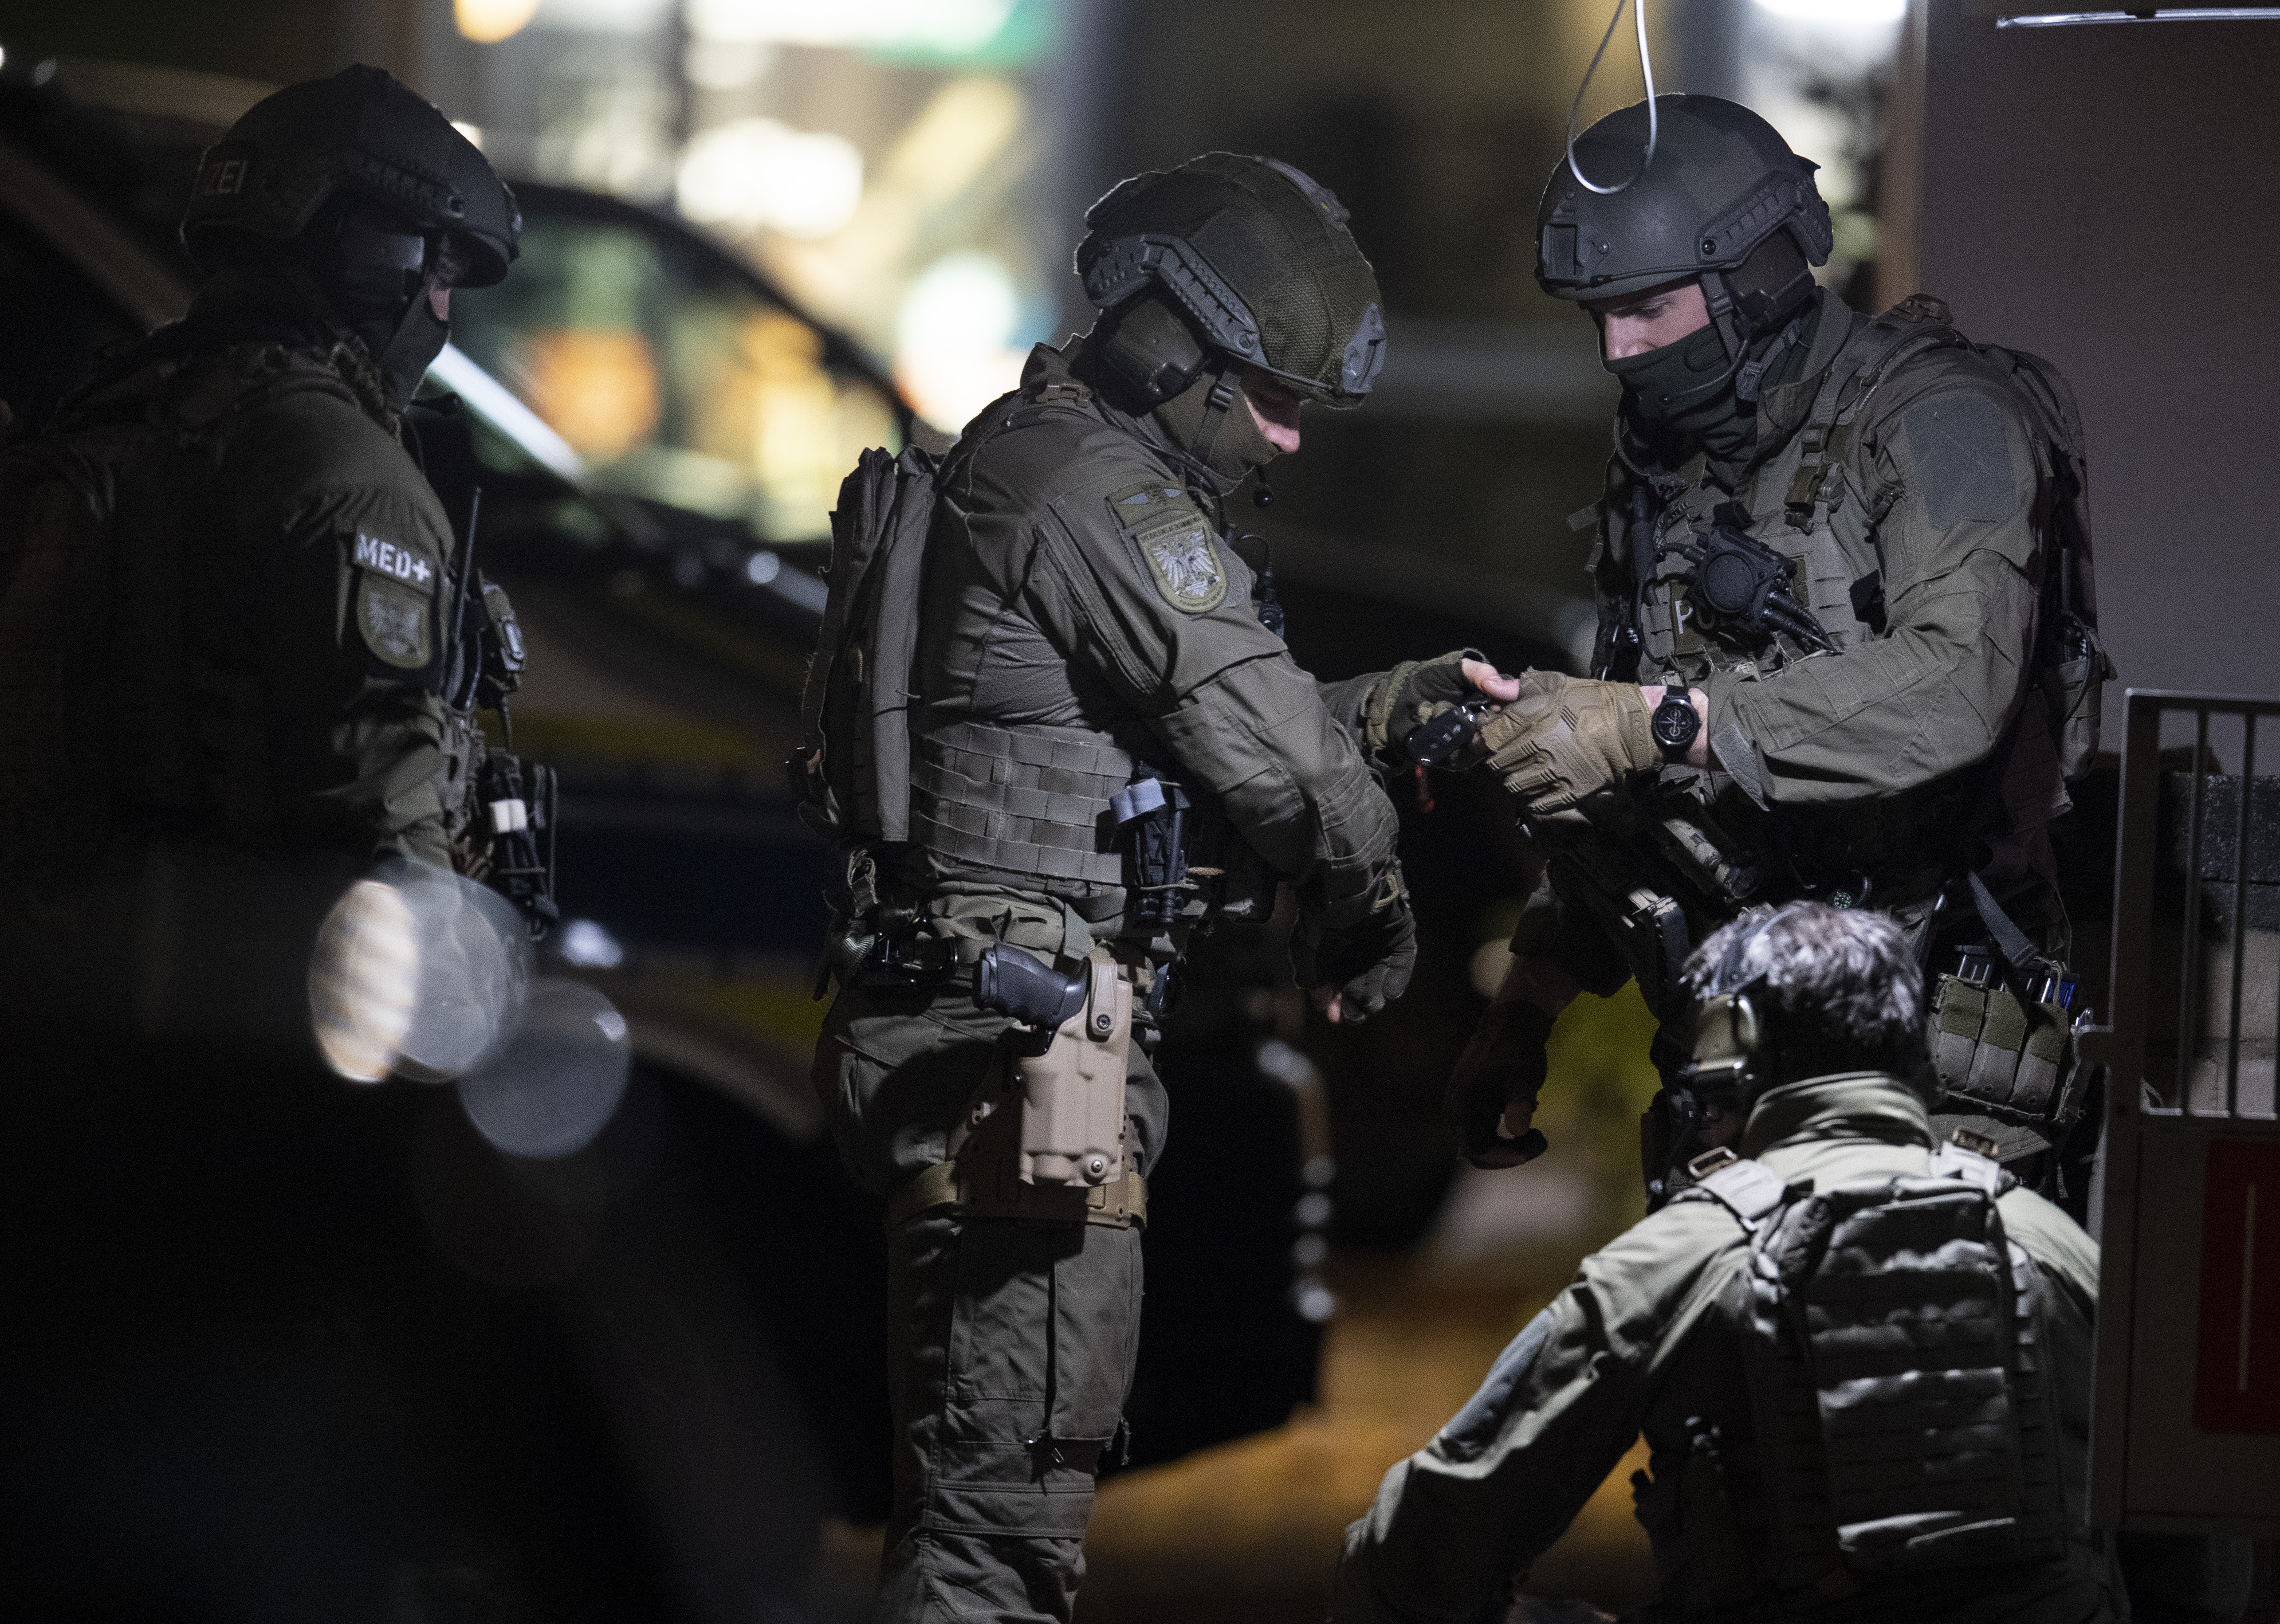 Szélsőjobboldali terrorakcióként kezelik a németországi lövöldözést